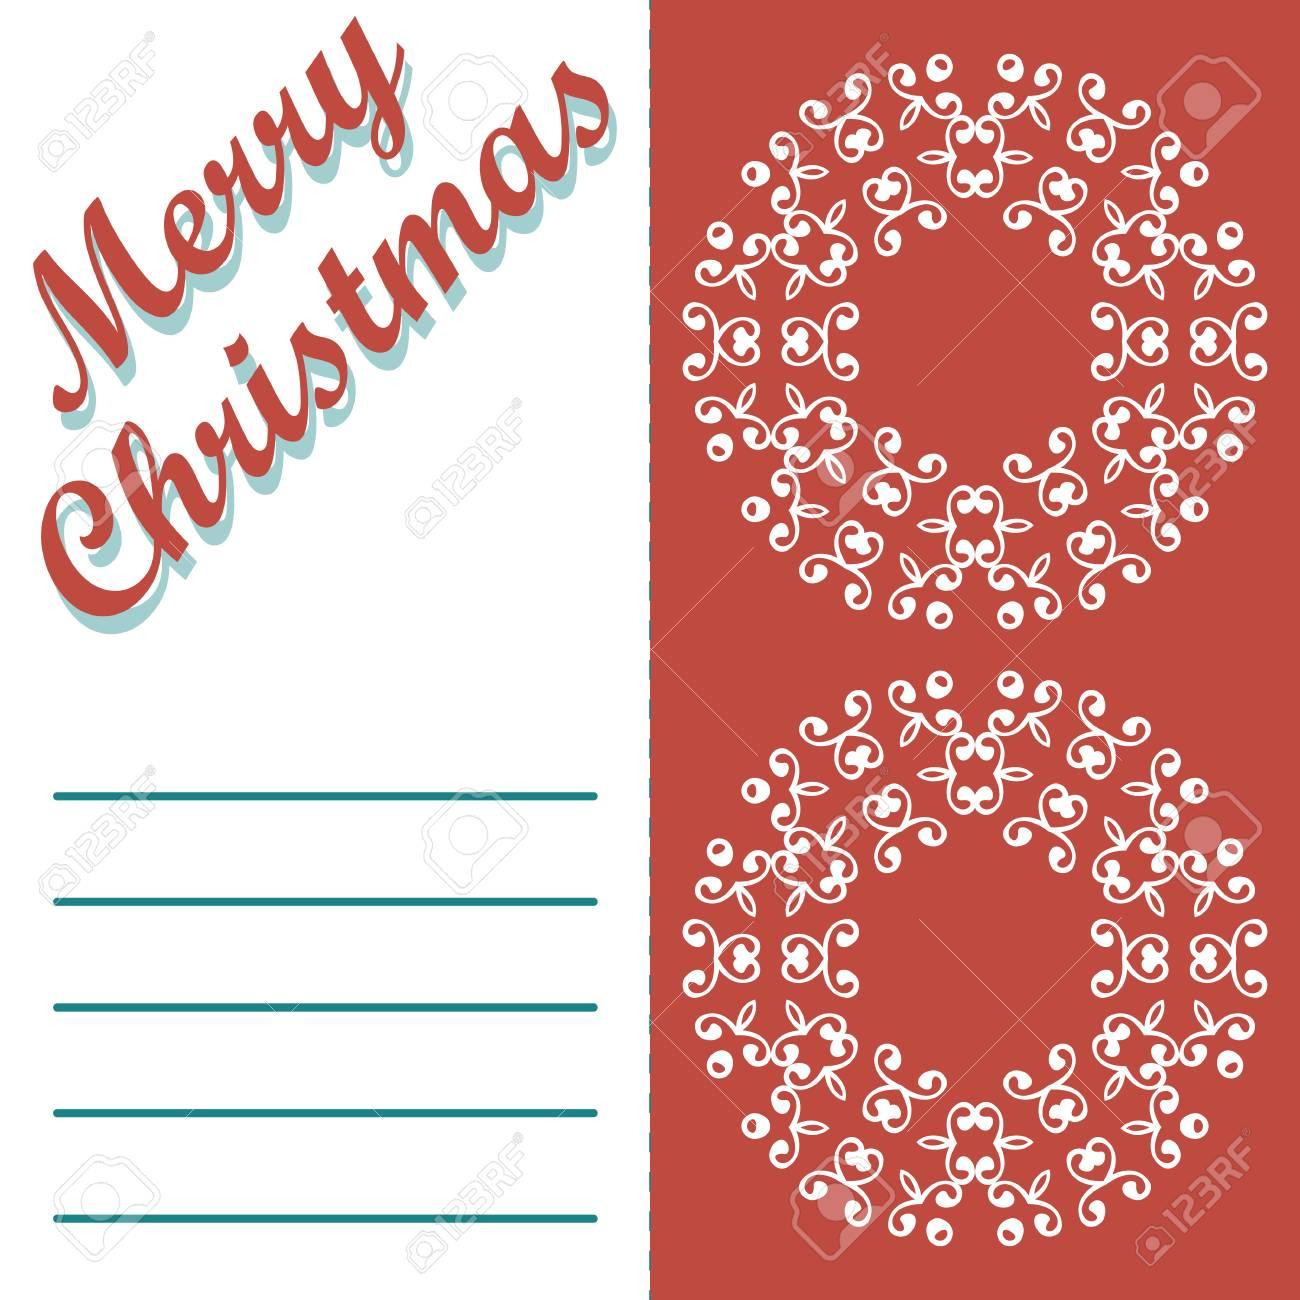 Biglietti Di Natale Modelli.Biglietto Di Auguri Di Natale E Modelli Vettore Sfondo Vacanze Buon Natale Desiderano Progettazione E Vintage Ornamento Decorazione Felice Anno